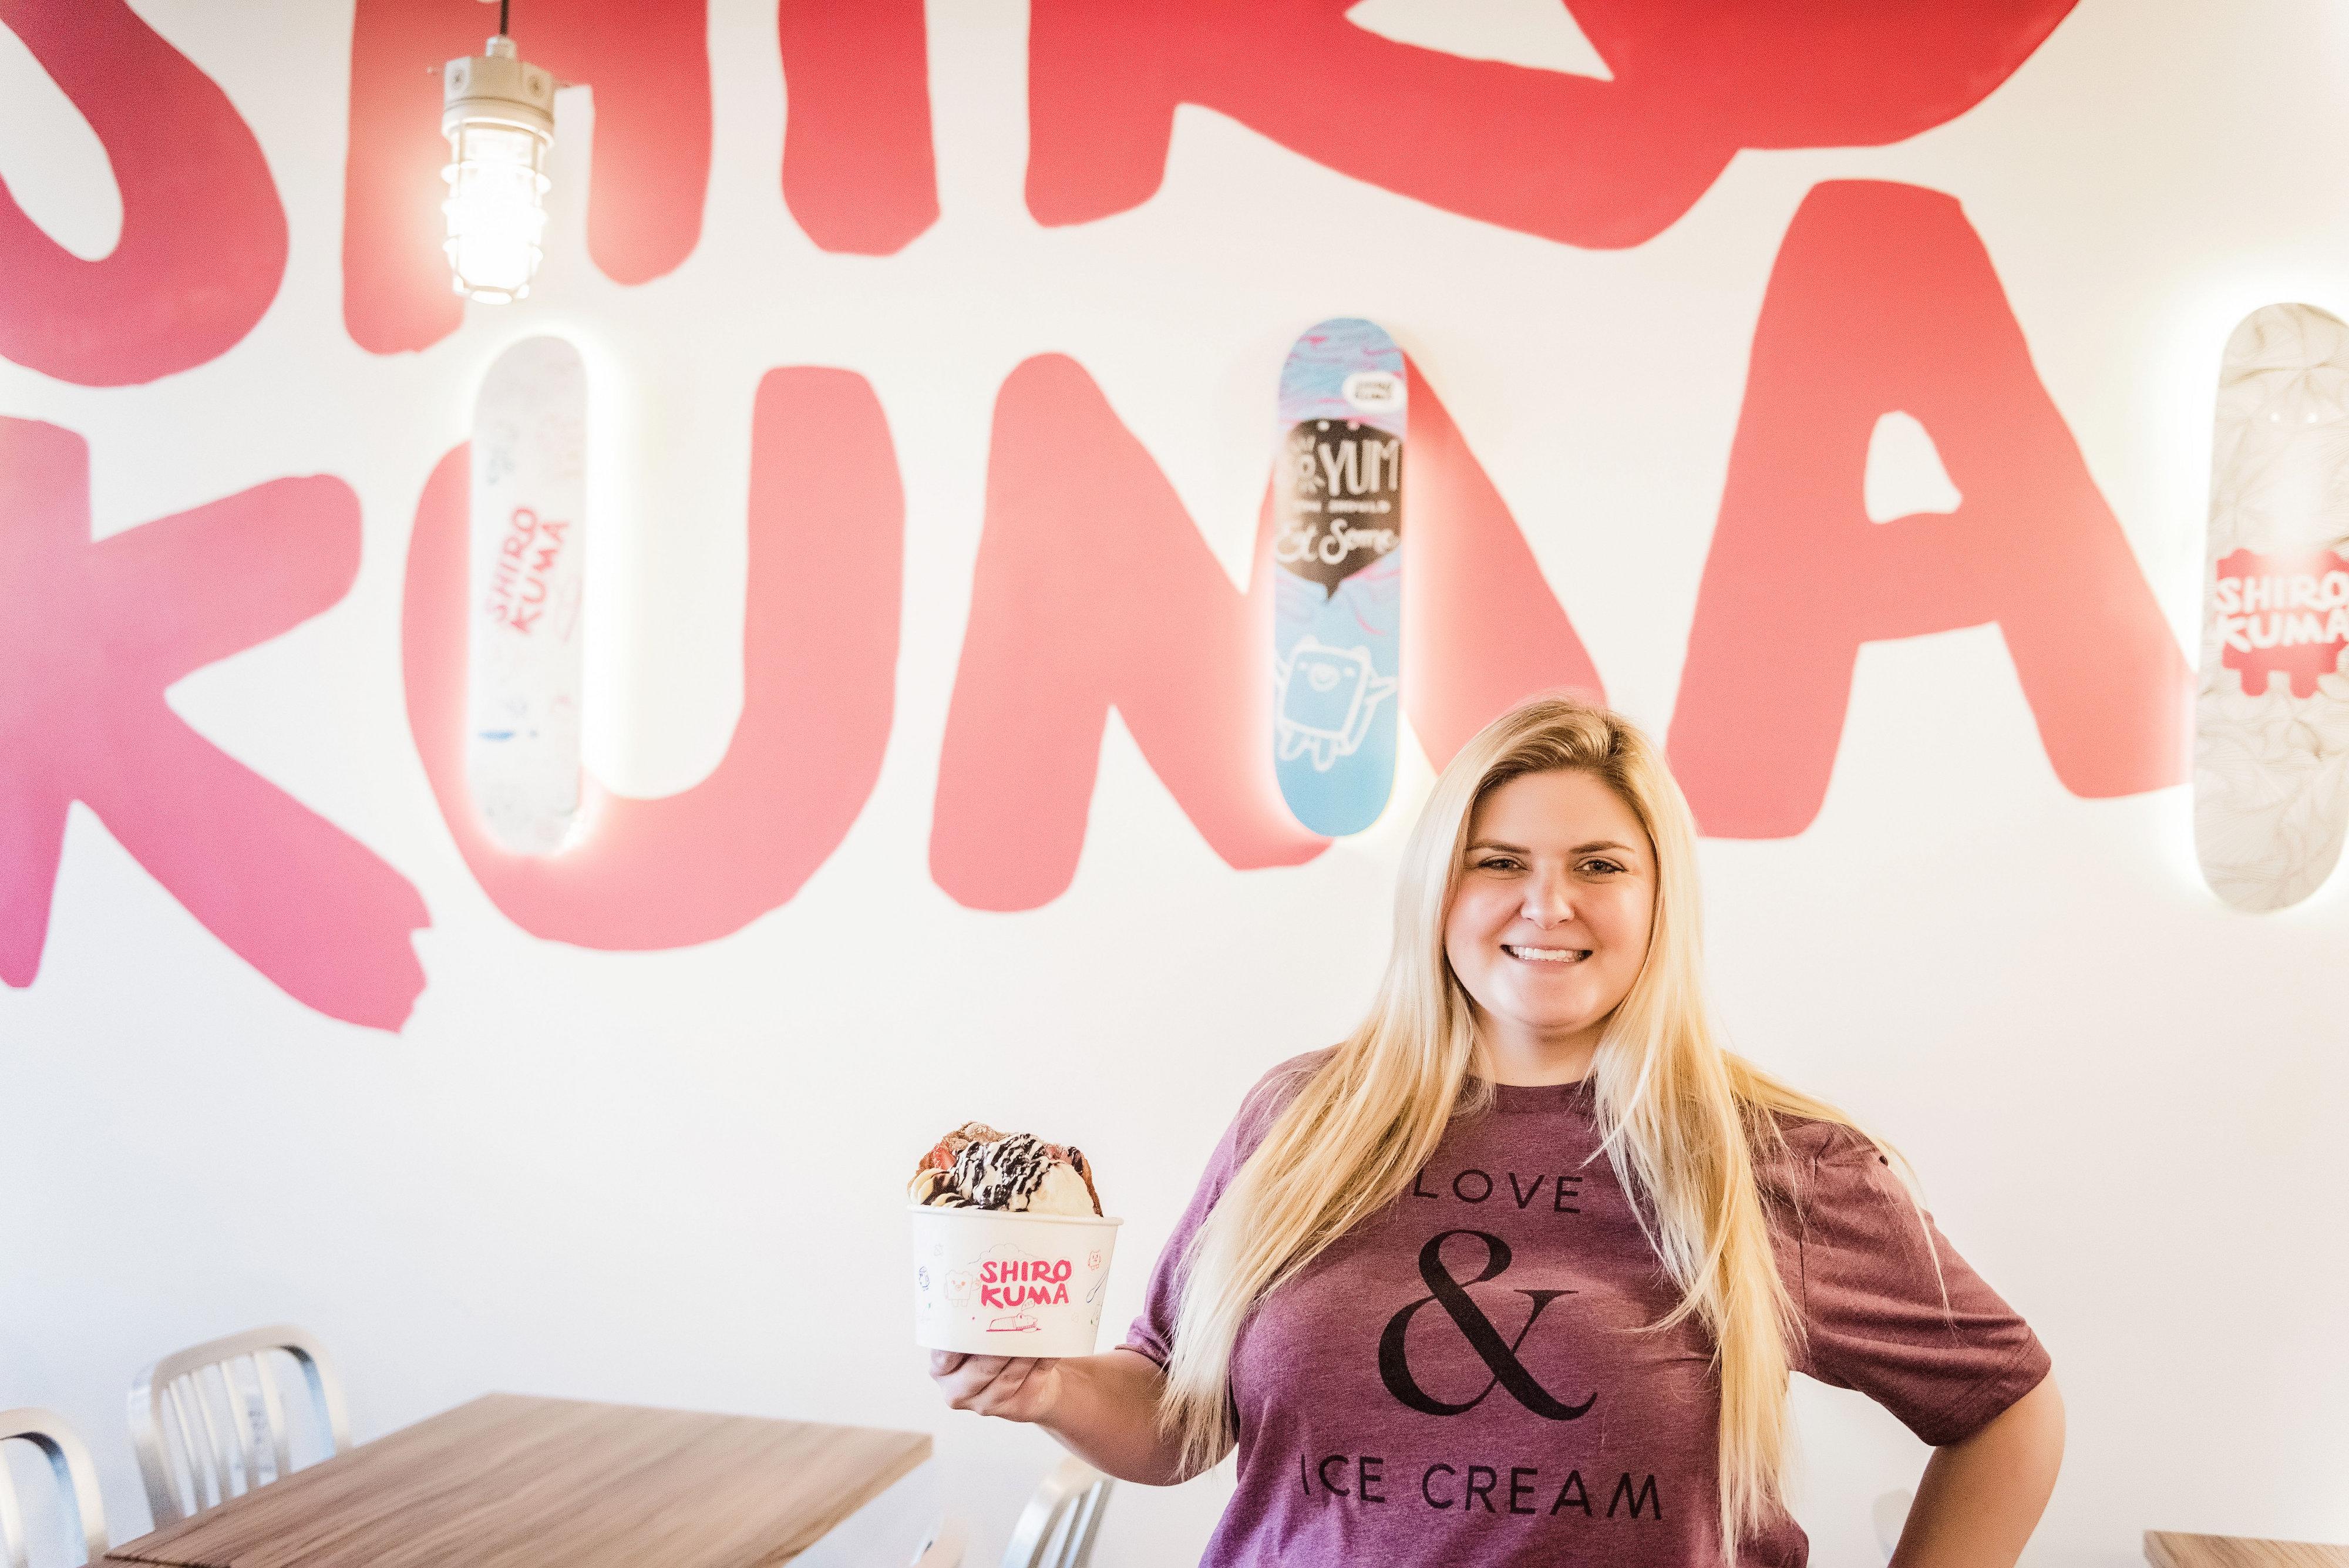 Shirokuma – Utah's First Snow Cream Shop